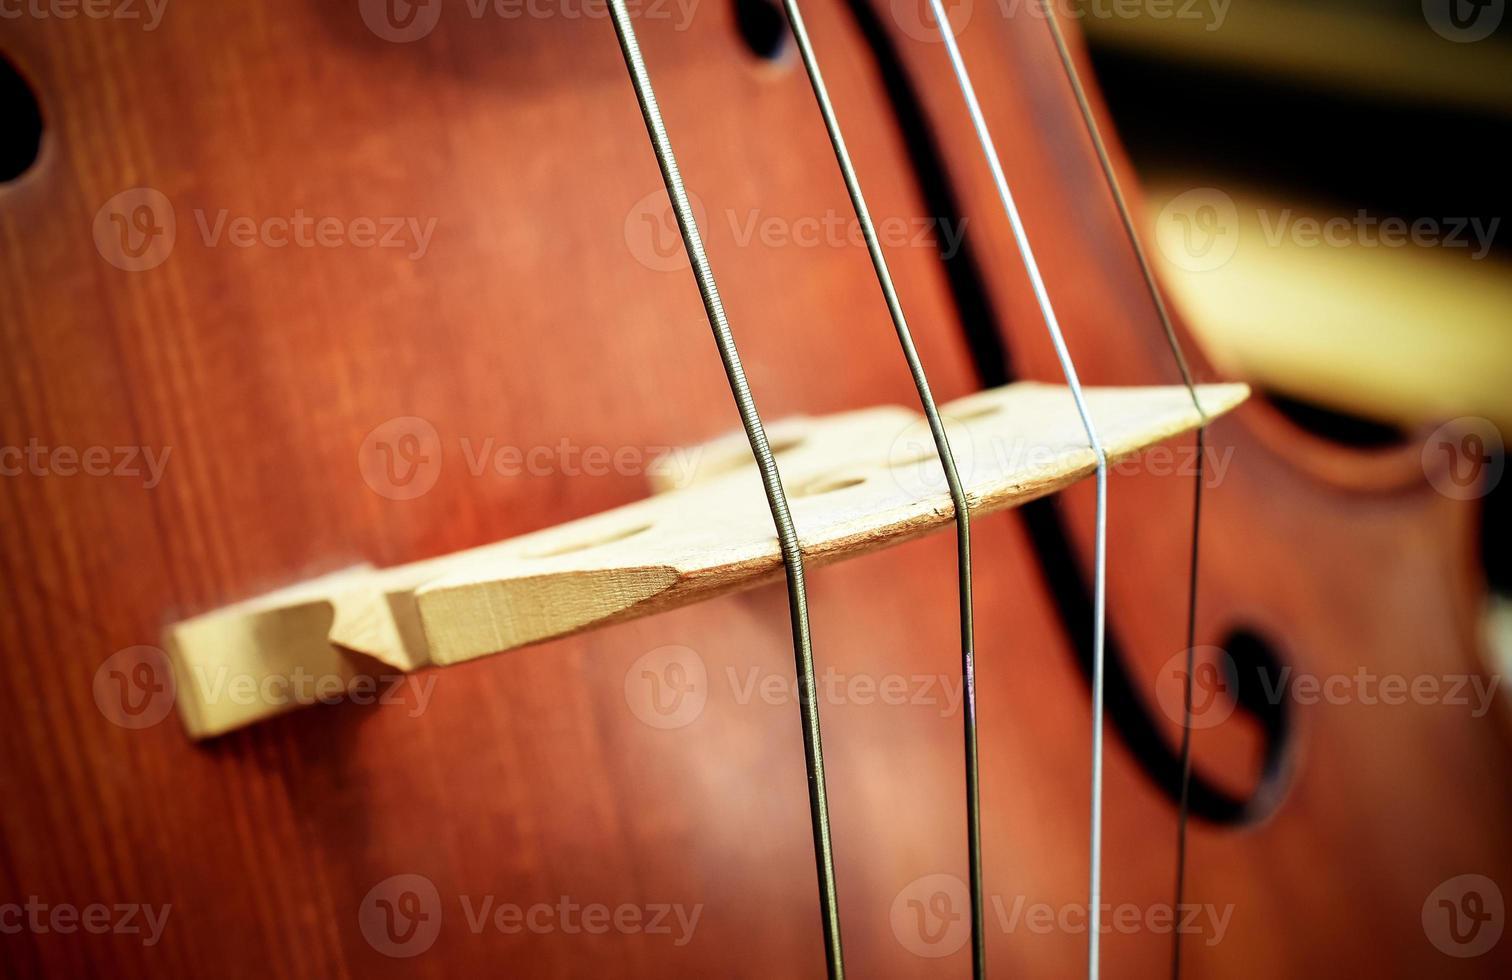 violoncelle - instruments de musique d'orchestre photo